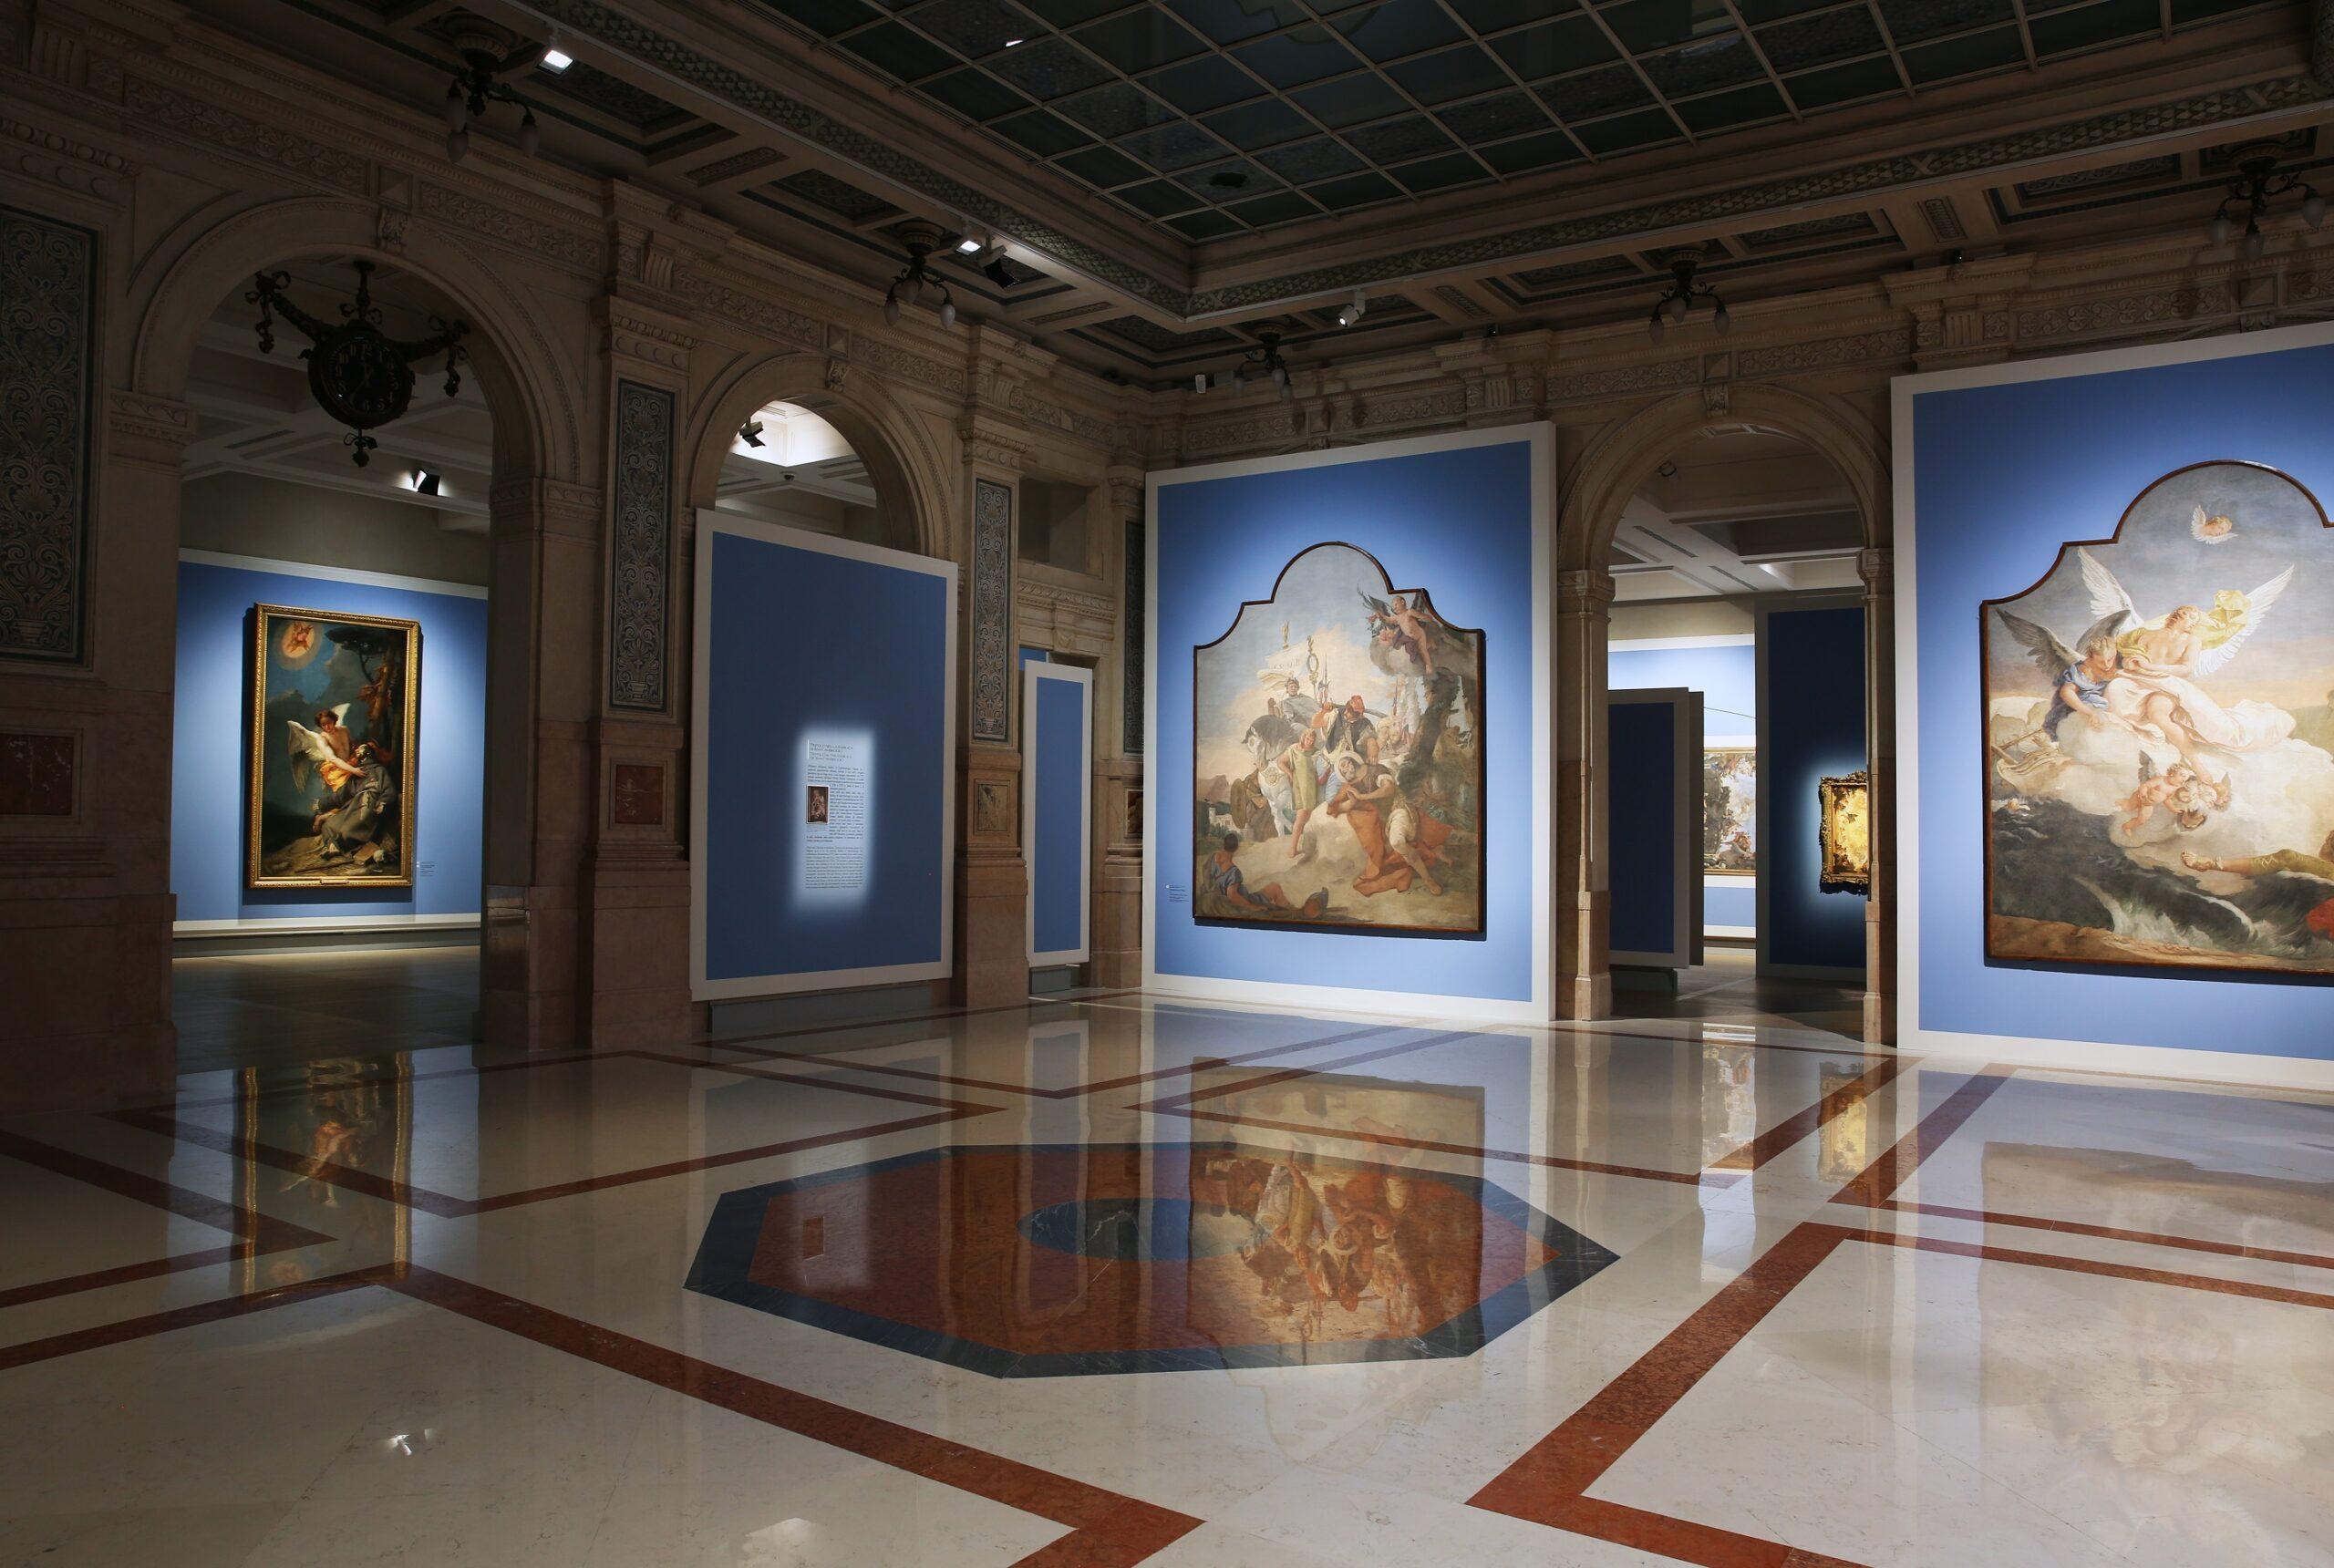 Un grandissimo Tiepolo in mostra a Milano. In anteprima il racconto del curatore, Alessandro Morandotti